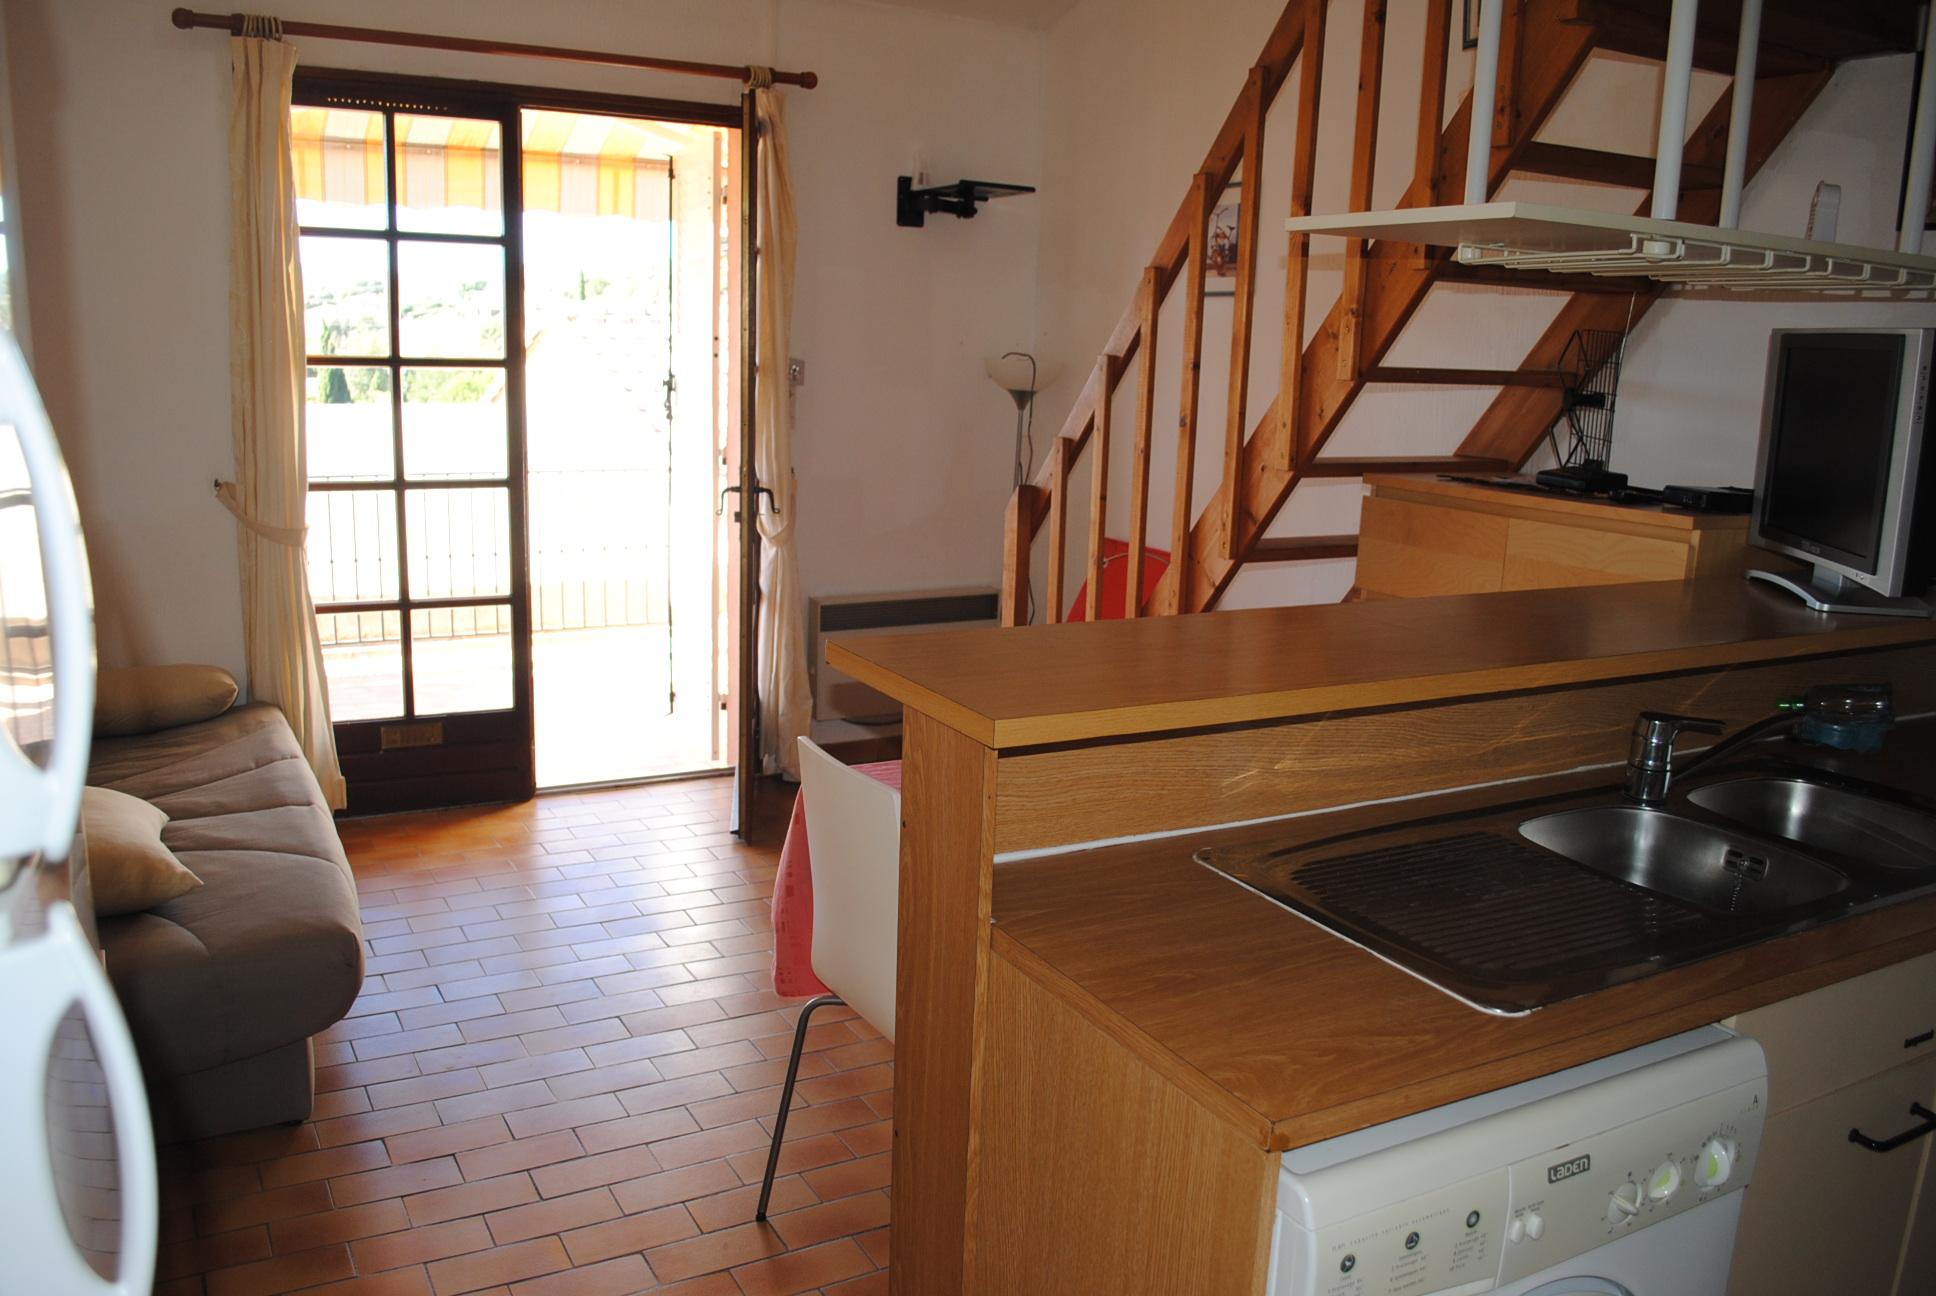 locations annuelles studio mezzanine meubl t1 f1 bormes les mimosas hameau des olivierss era. Black Bedroom Furniture Sets. Home Design Ideas